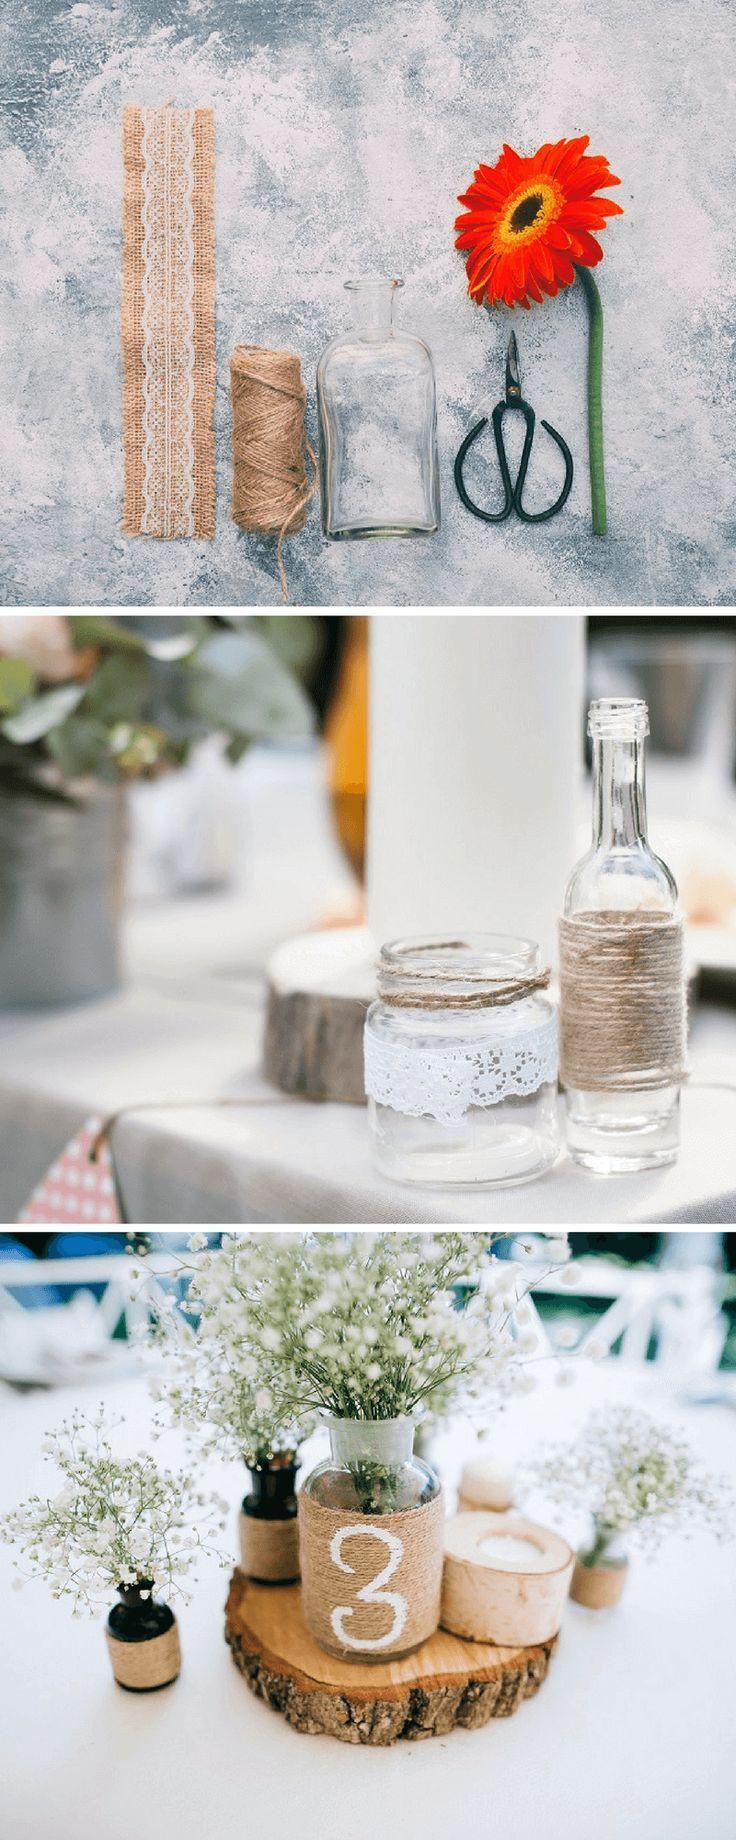 Hochzeitsdeko selber machen – 5 einfache Blumendeko-Ideen für die Hochzeit